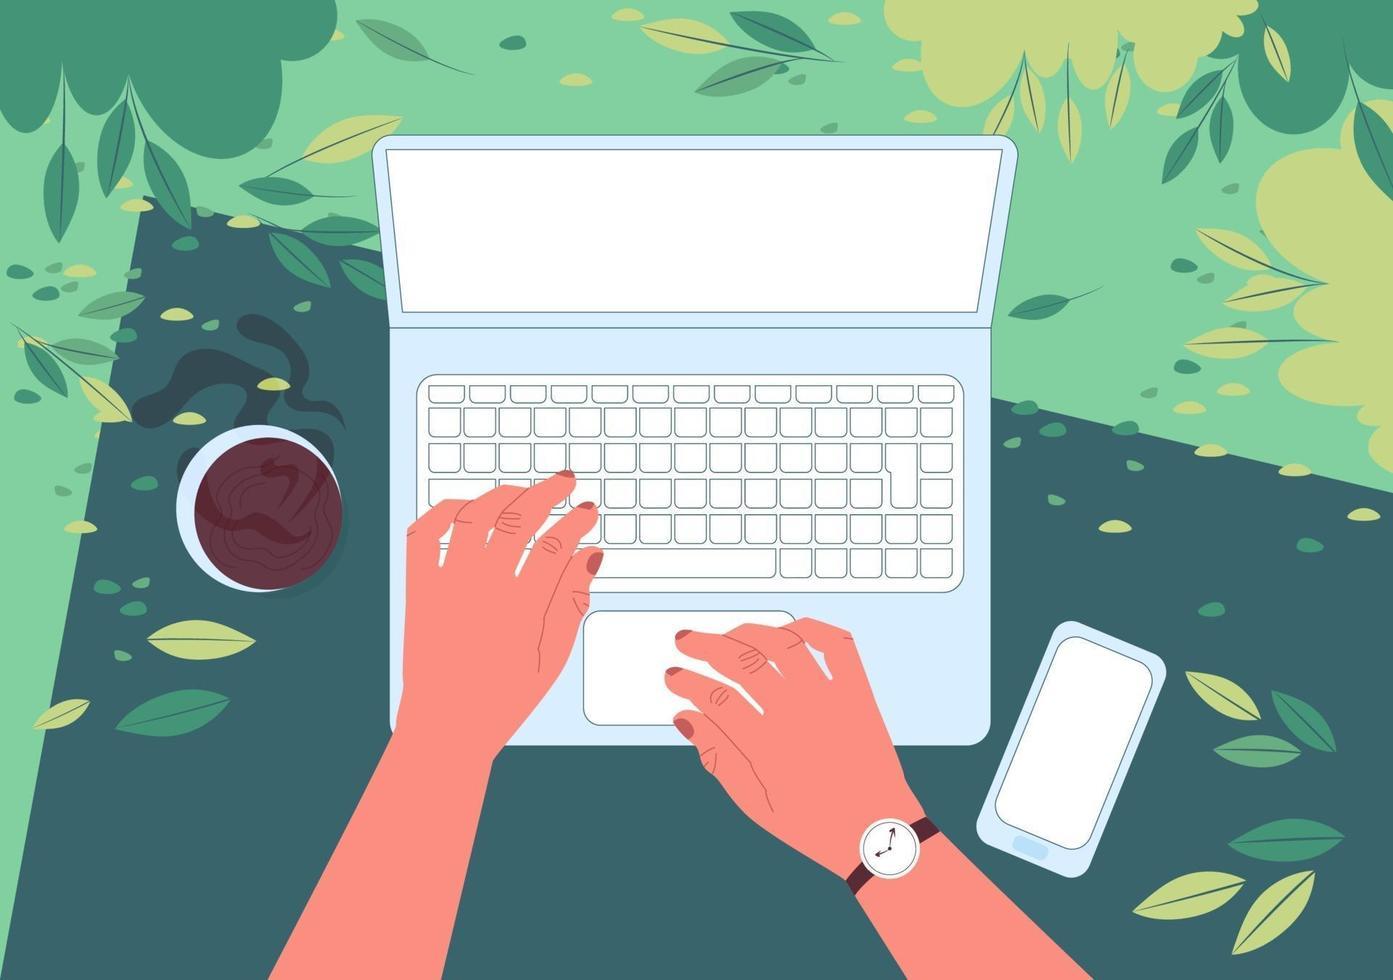 frilansare med en bärbar dator som arbetar liggande på våren. förstapersonsvy. manliga händer skriver på tangentbordet. toppvy. vektor illustration.